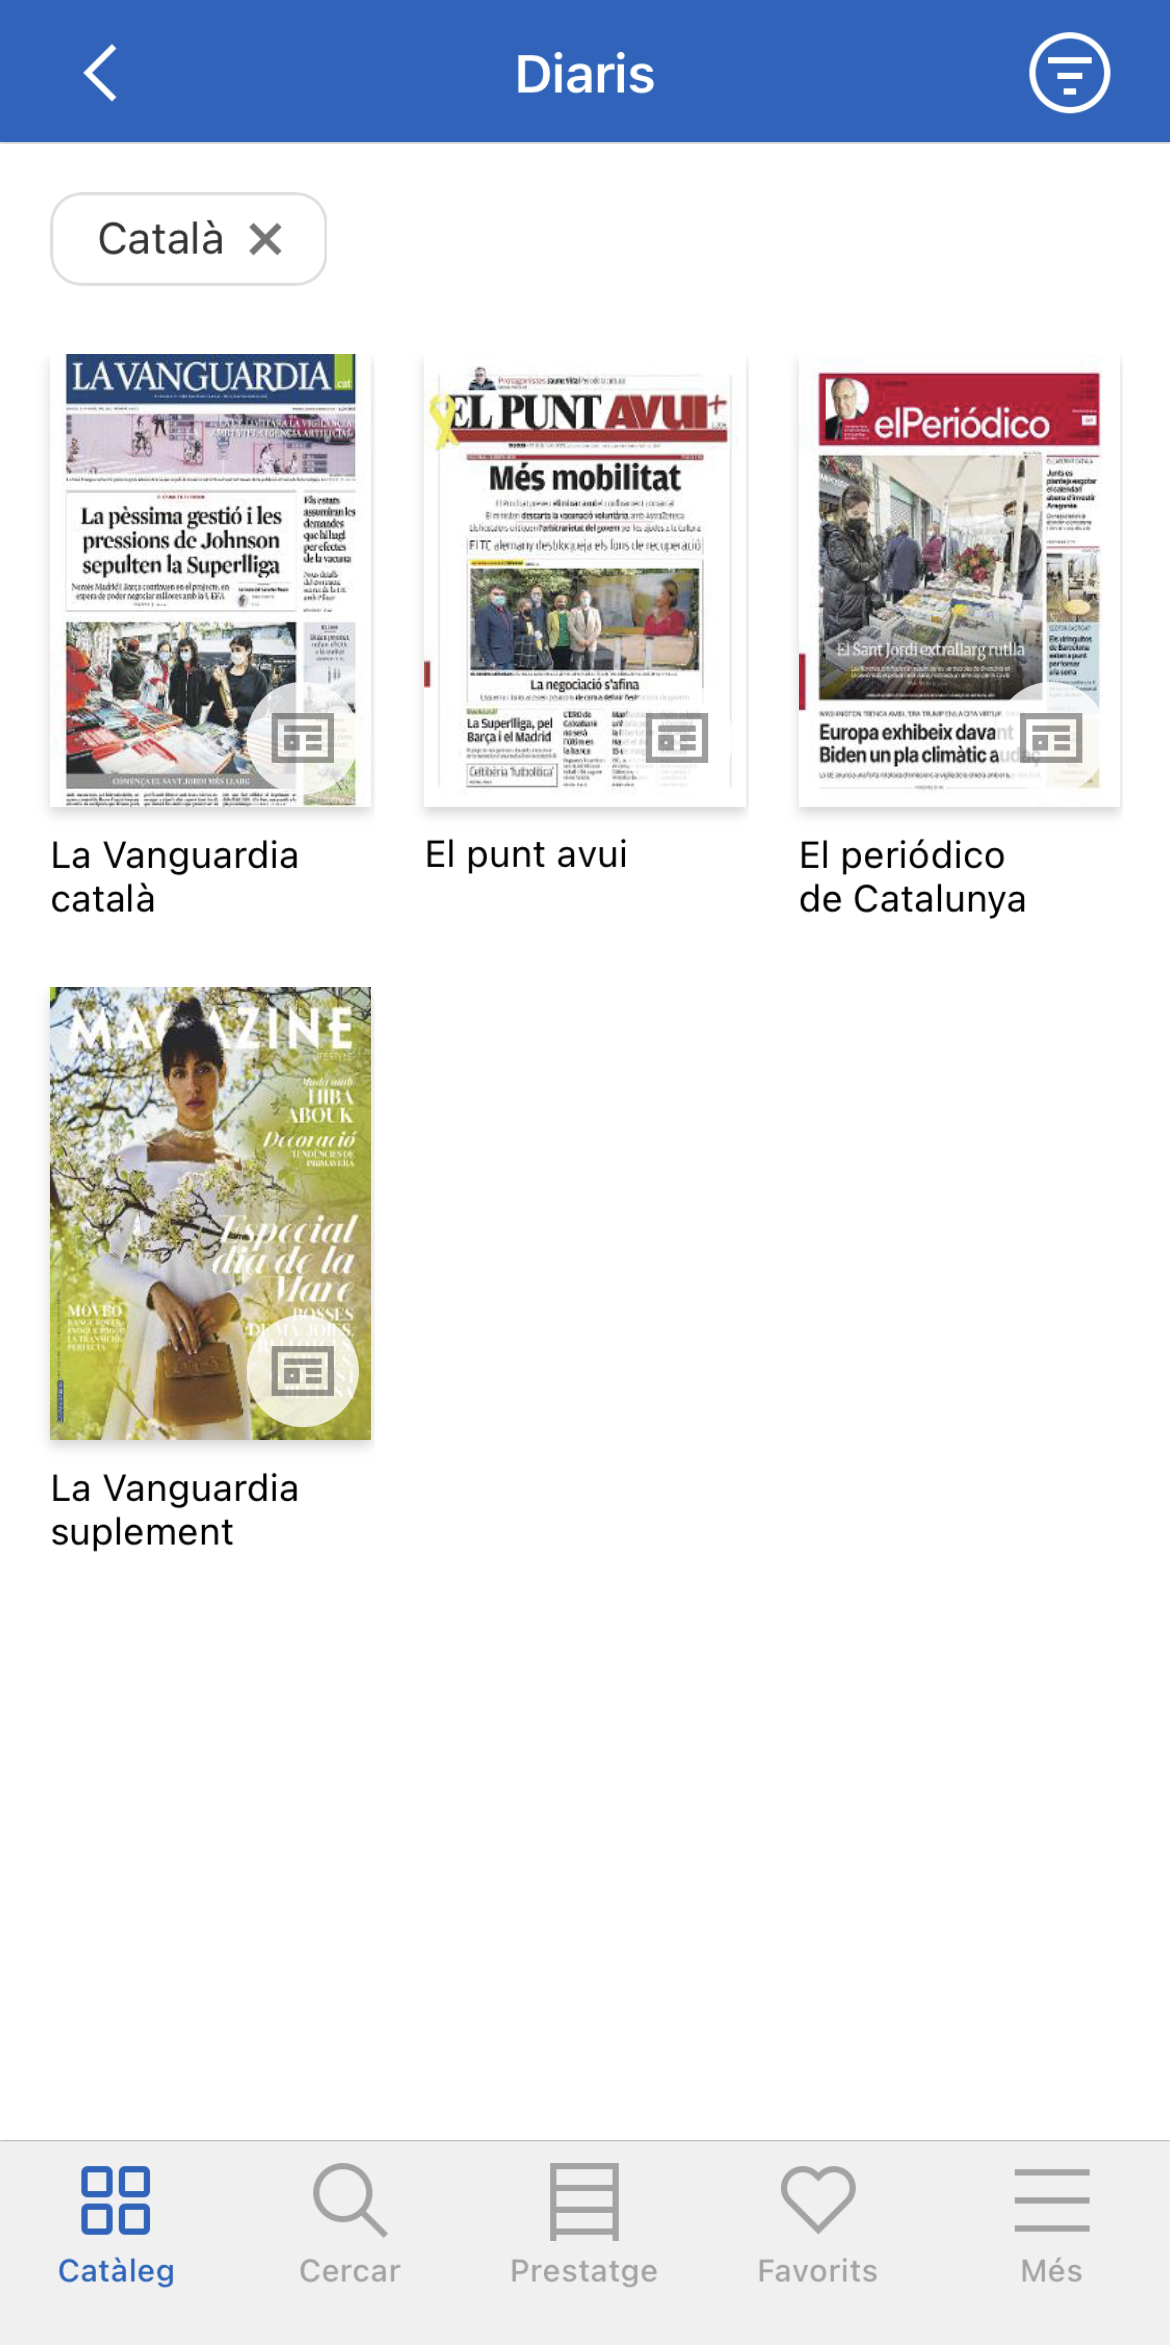 Els diaris en català